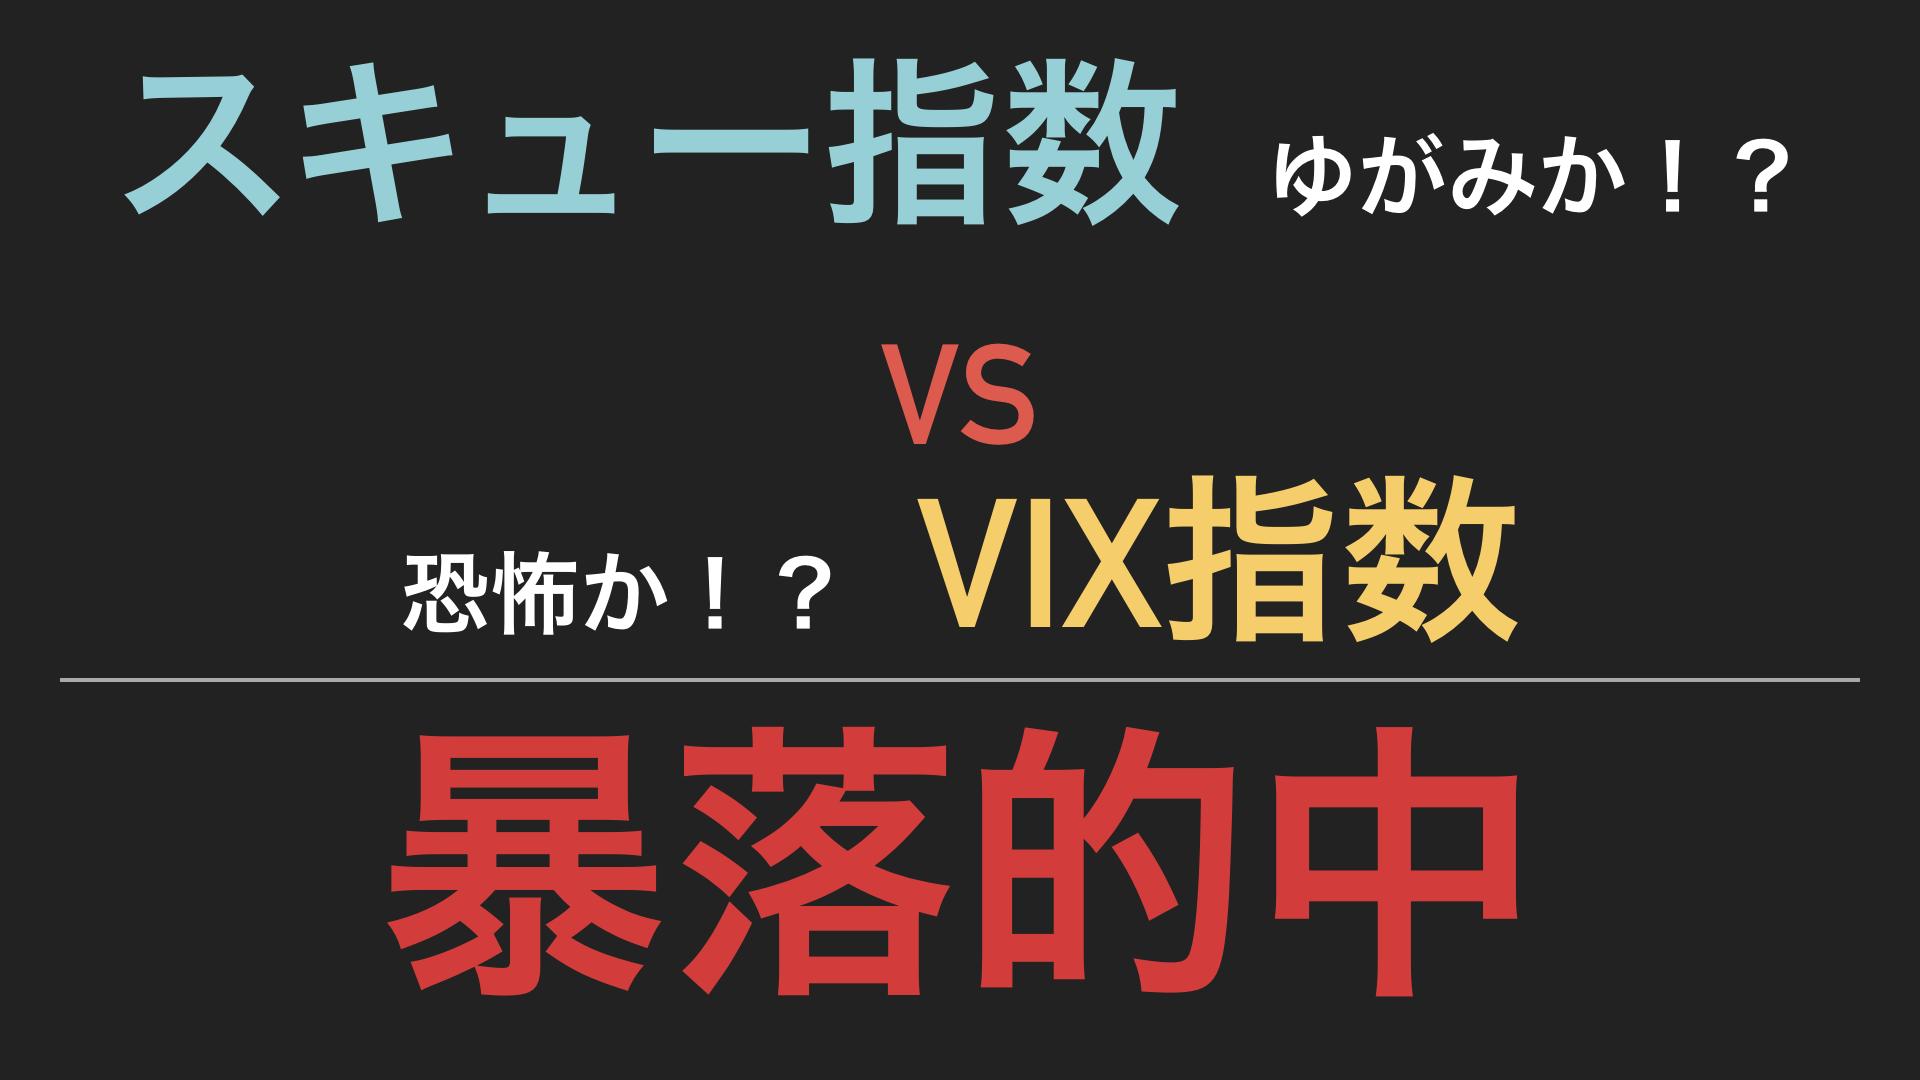 スキュー指数とvix指数